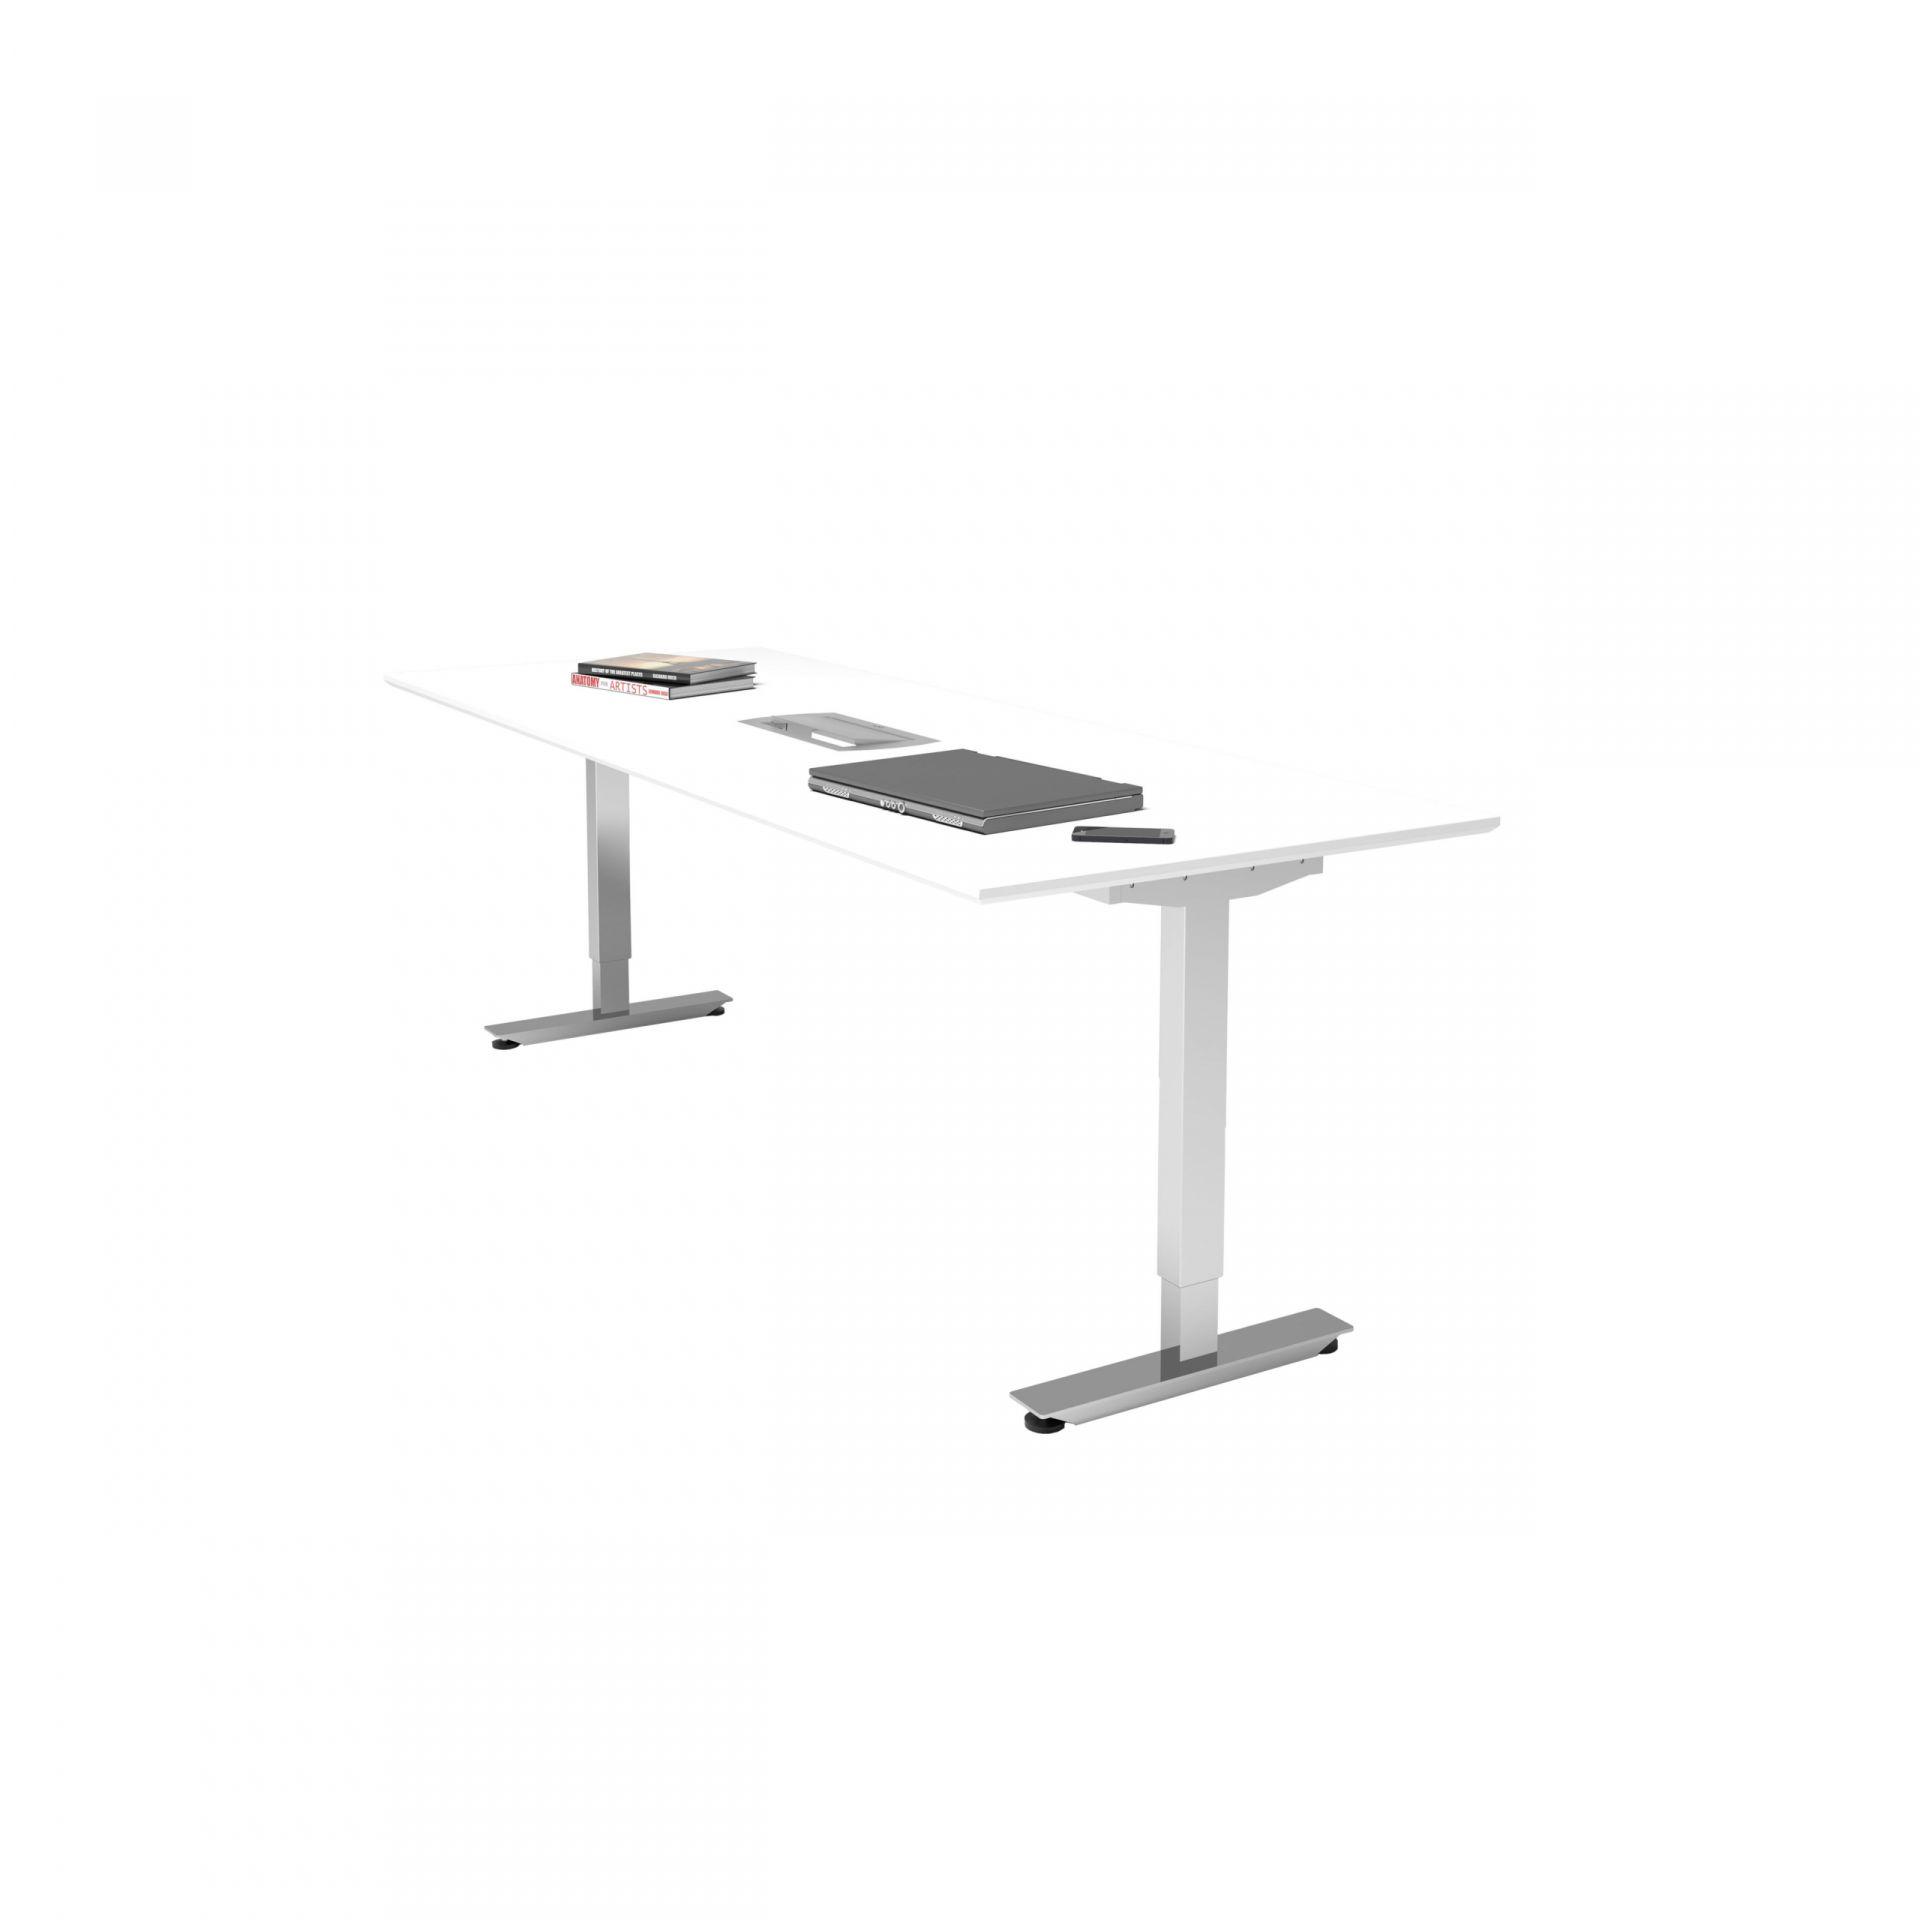 Izi Effect Skrivbord / mötesbord produktbild 4